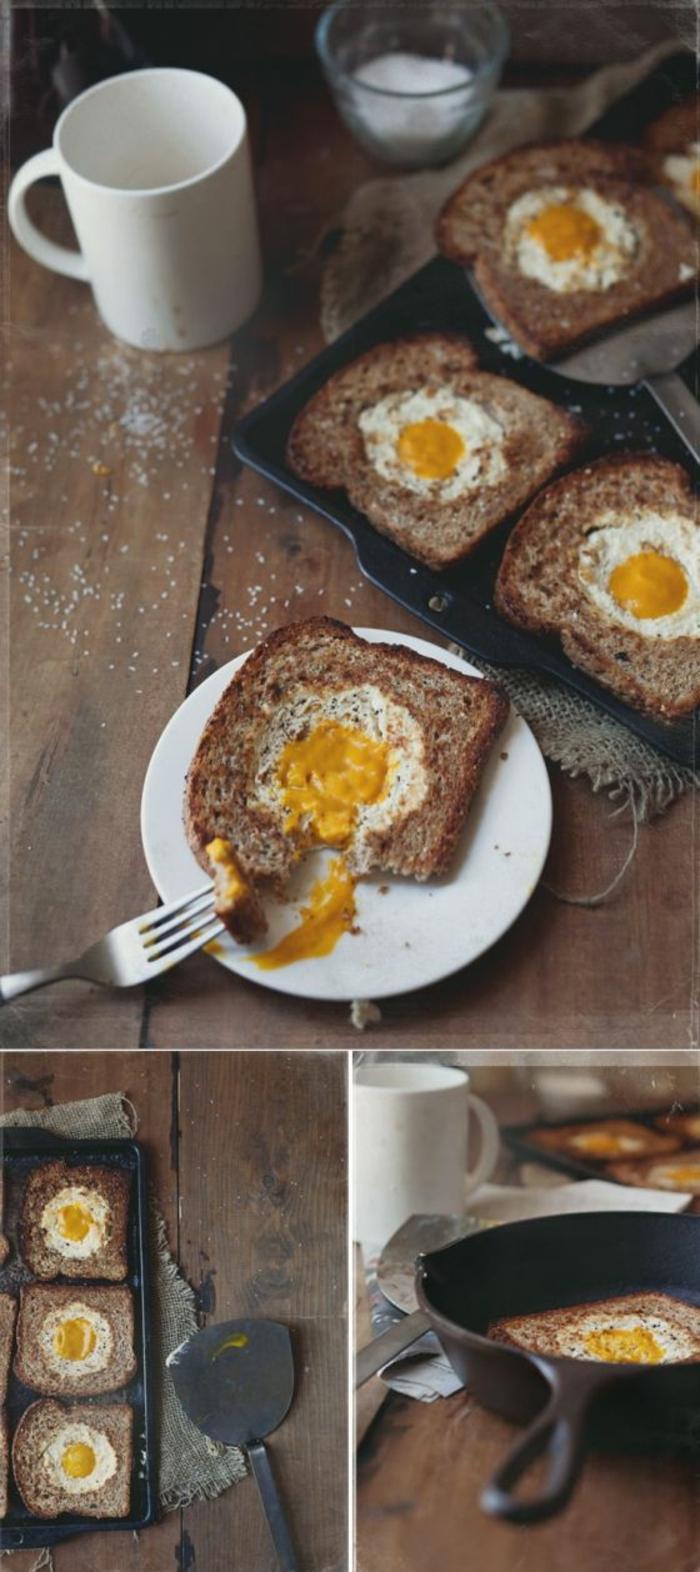 Idée-petit-déjeuner-équilibré-oeuf-pain-noir